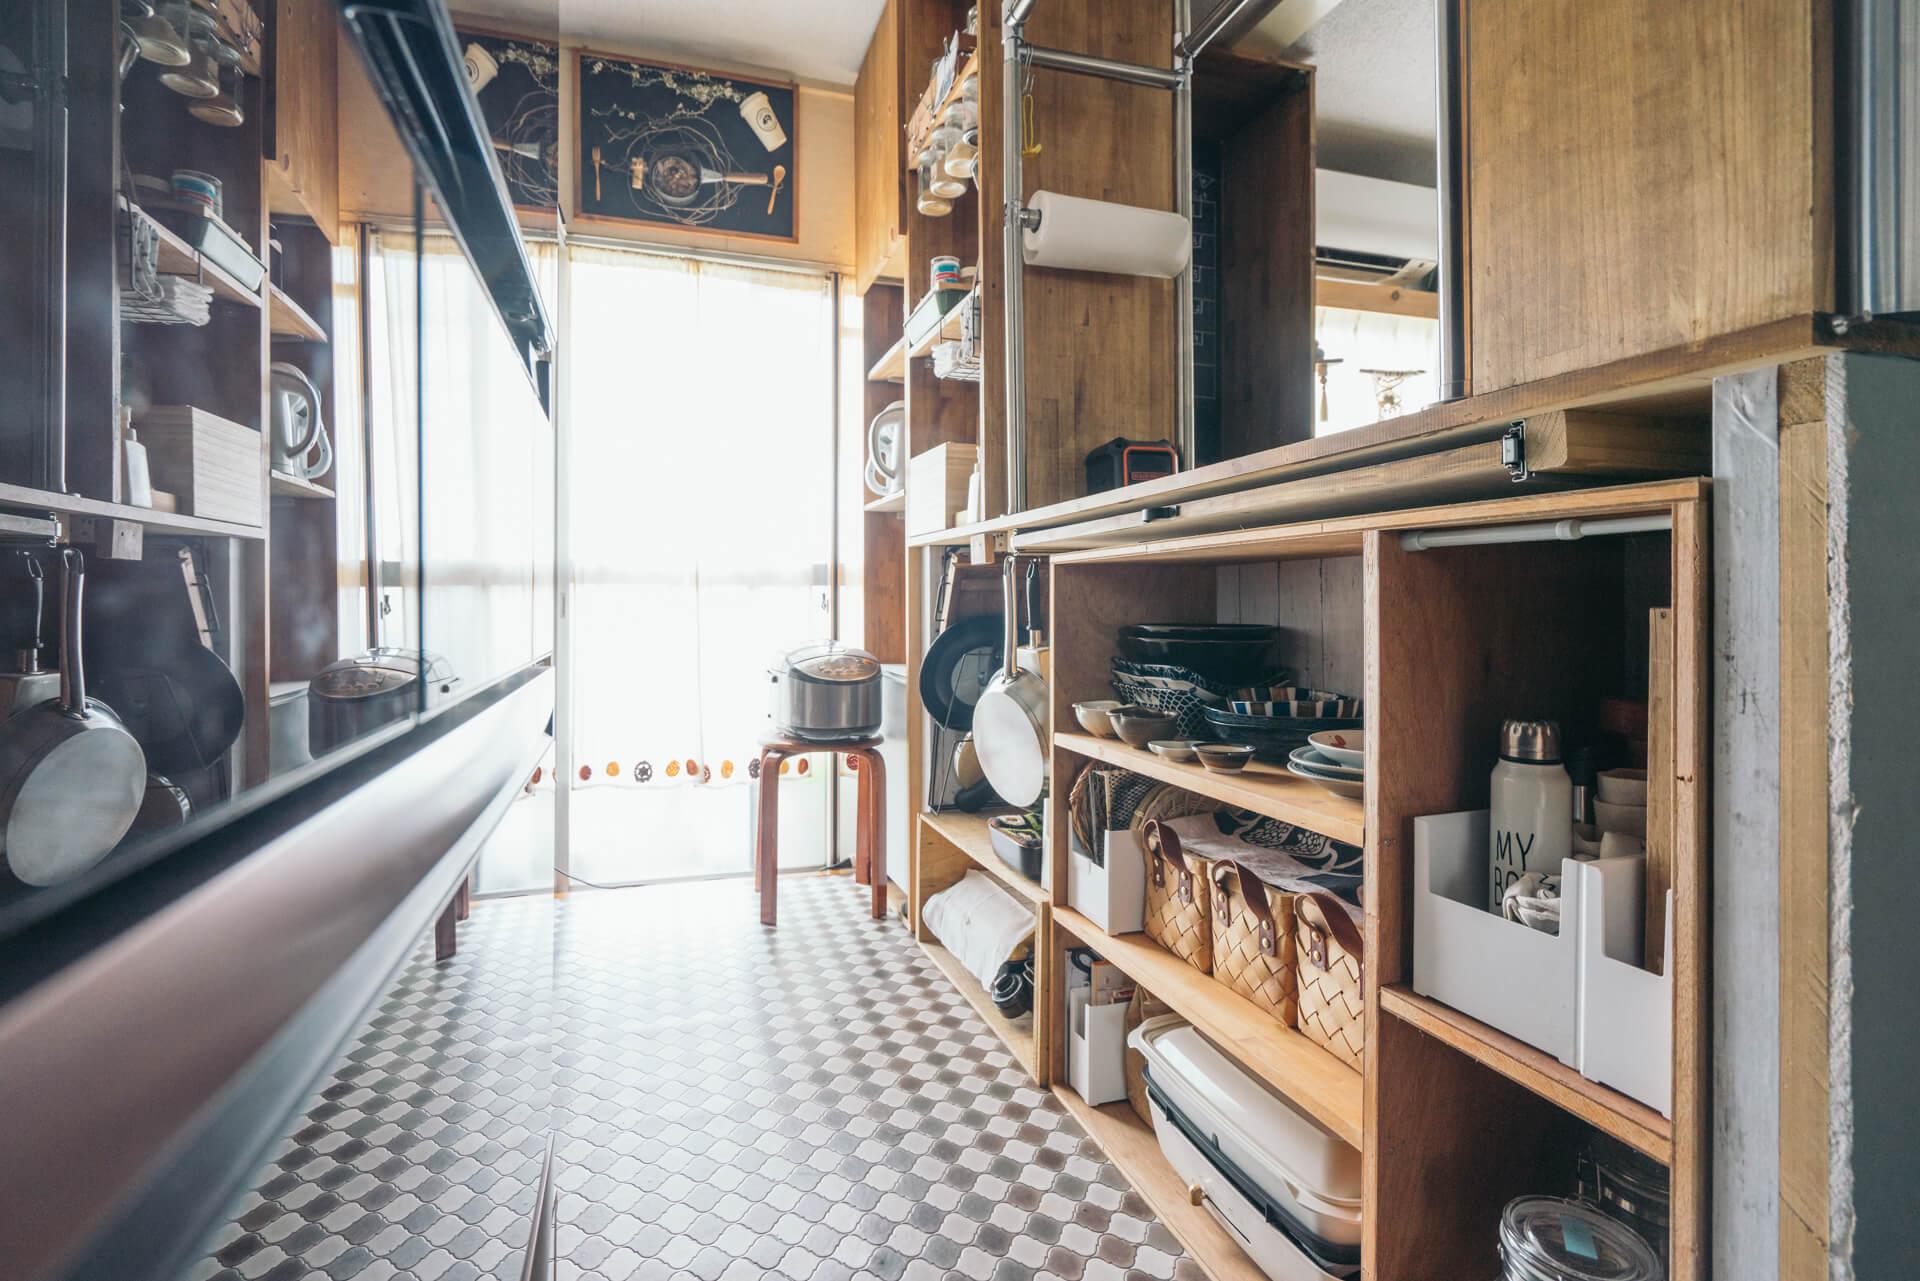 キッチン内側をみたところ。すべてのものが使いやすい位置にばっちり収まっています!